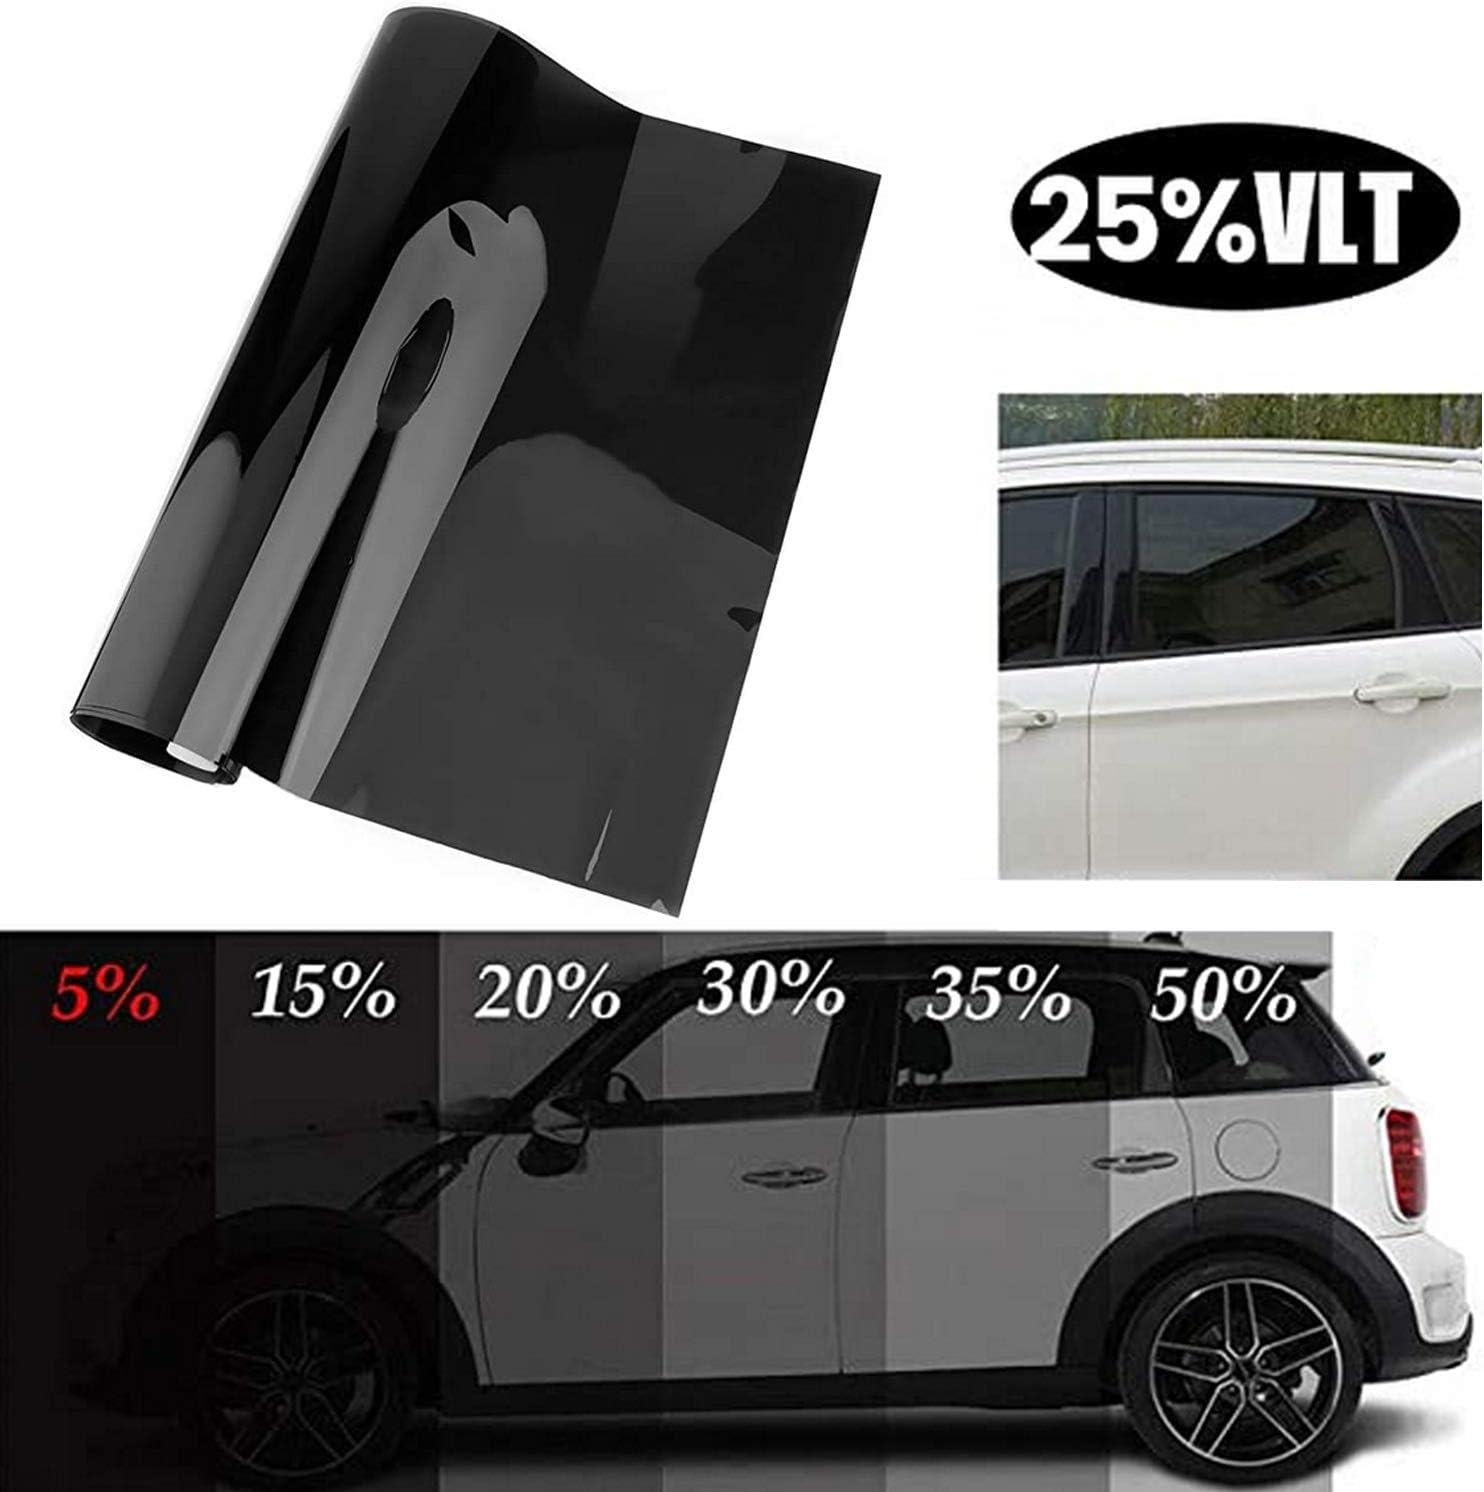 6x0.5m Pellicola Oscurante Vetri Auto Trasmissione 25/% Anti UV Resistente e Graffi Vococal Pellicola per Vetri Auto Pellicola Oscurante Riduce Il Riflesso del Sole